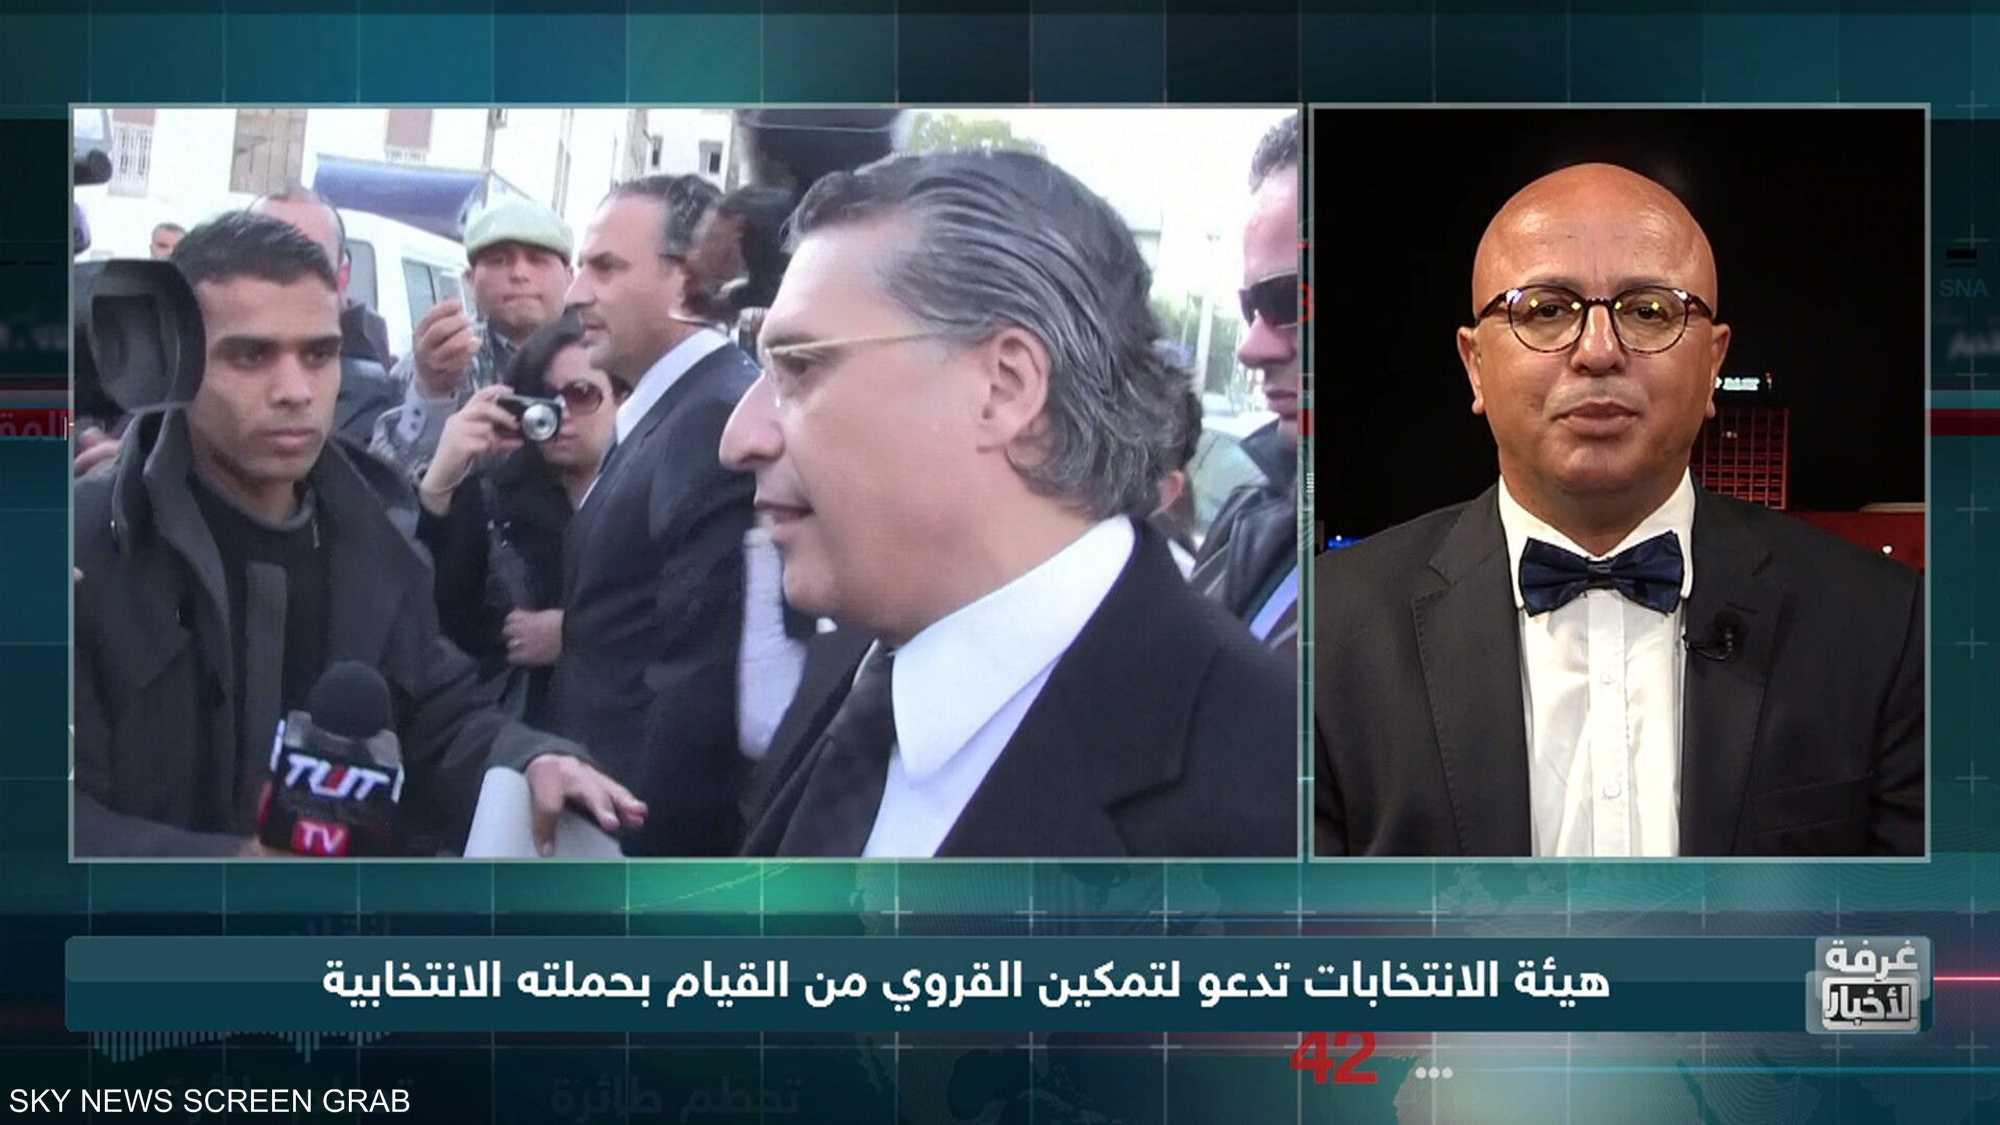 الرئاسة التونسية.. انطلاق حملة الانتخابات للدورة الثانية